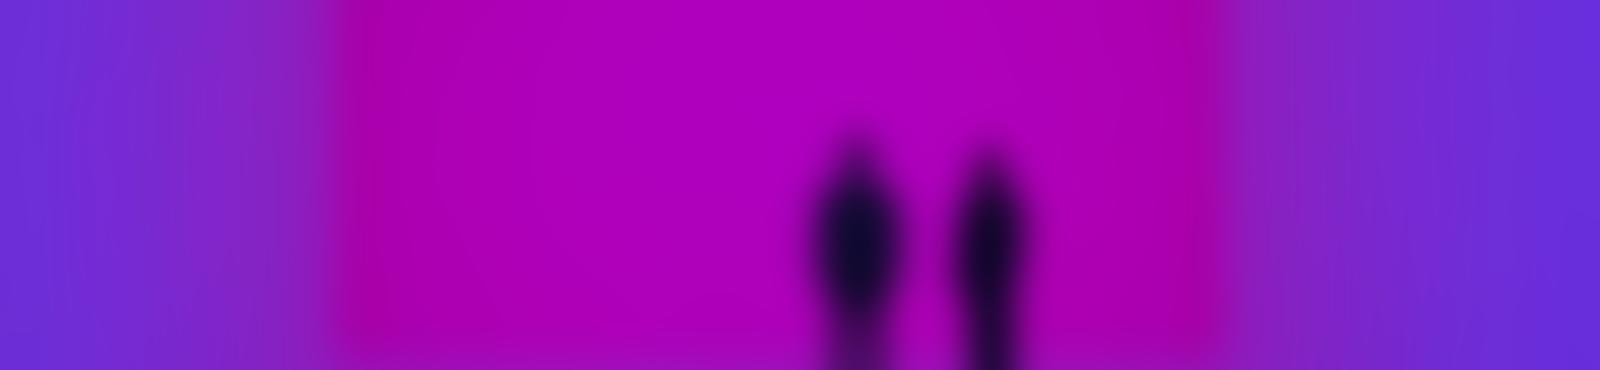 Blurred b51091ac a970 49ca 897e cb982f8c3526